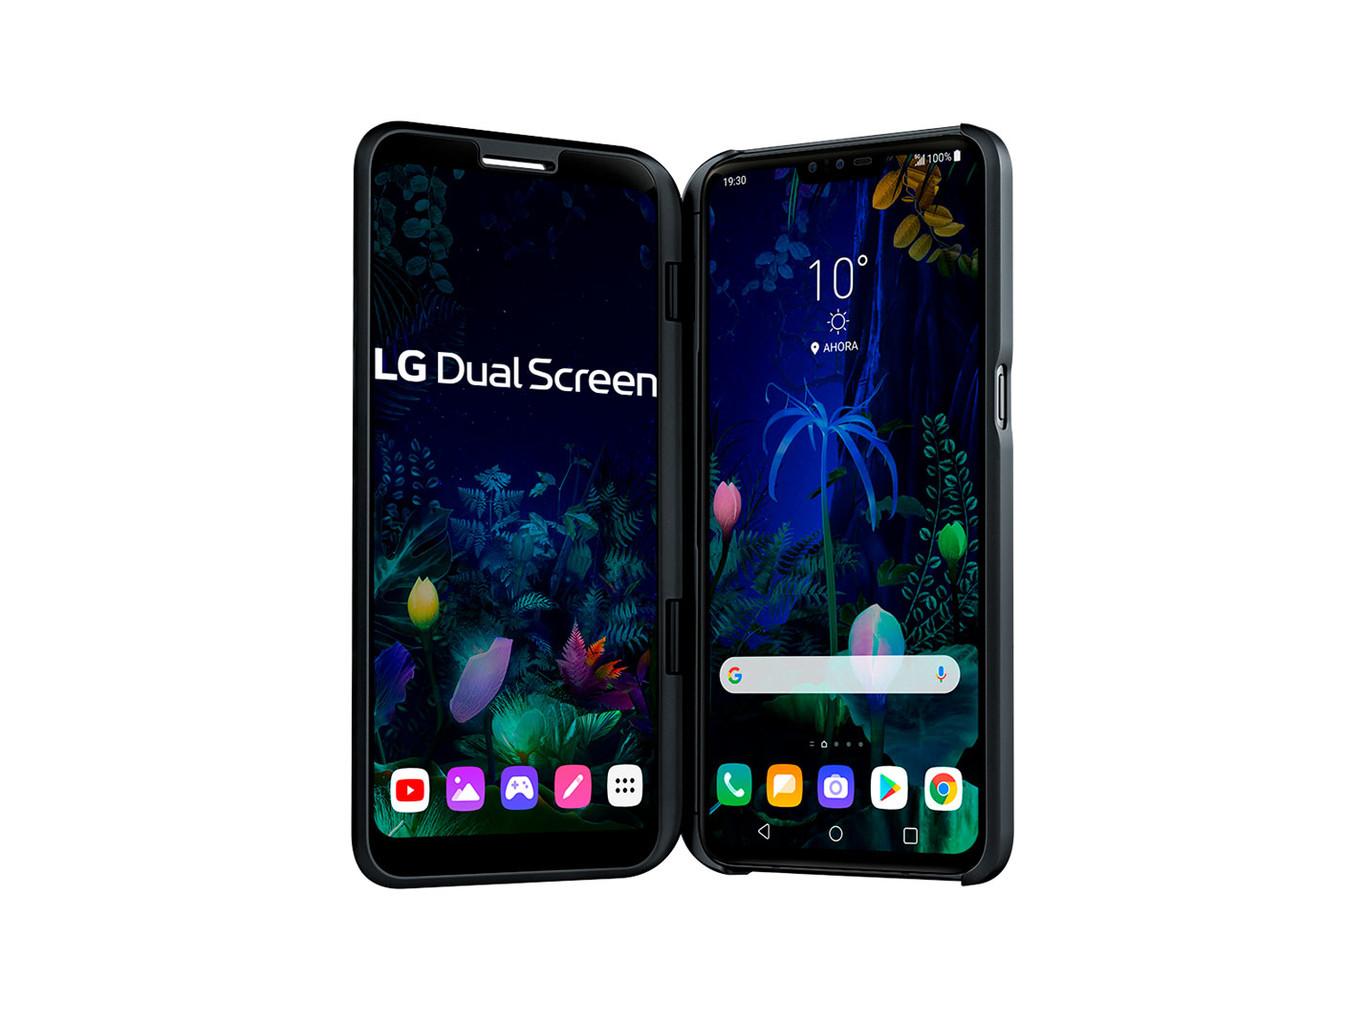 El LG V50 ThinQ 5G llega a España: éstos son el precio y la disponibilidad del móvil compatible con 5G y con doble pantalla